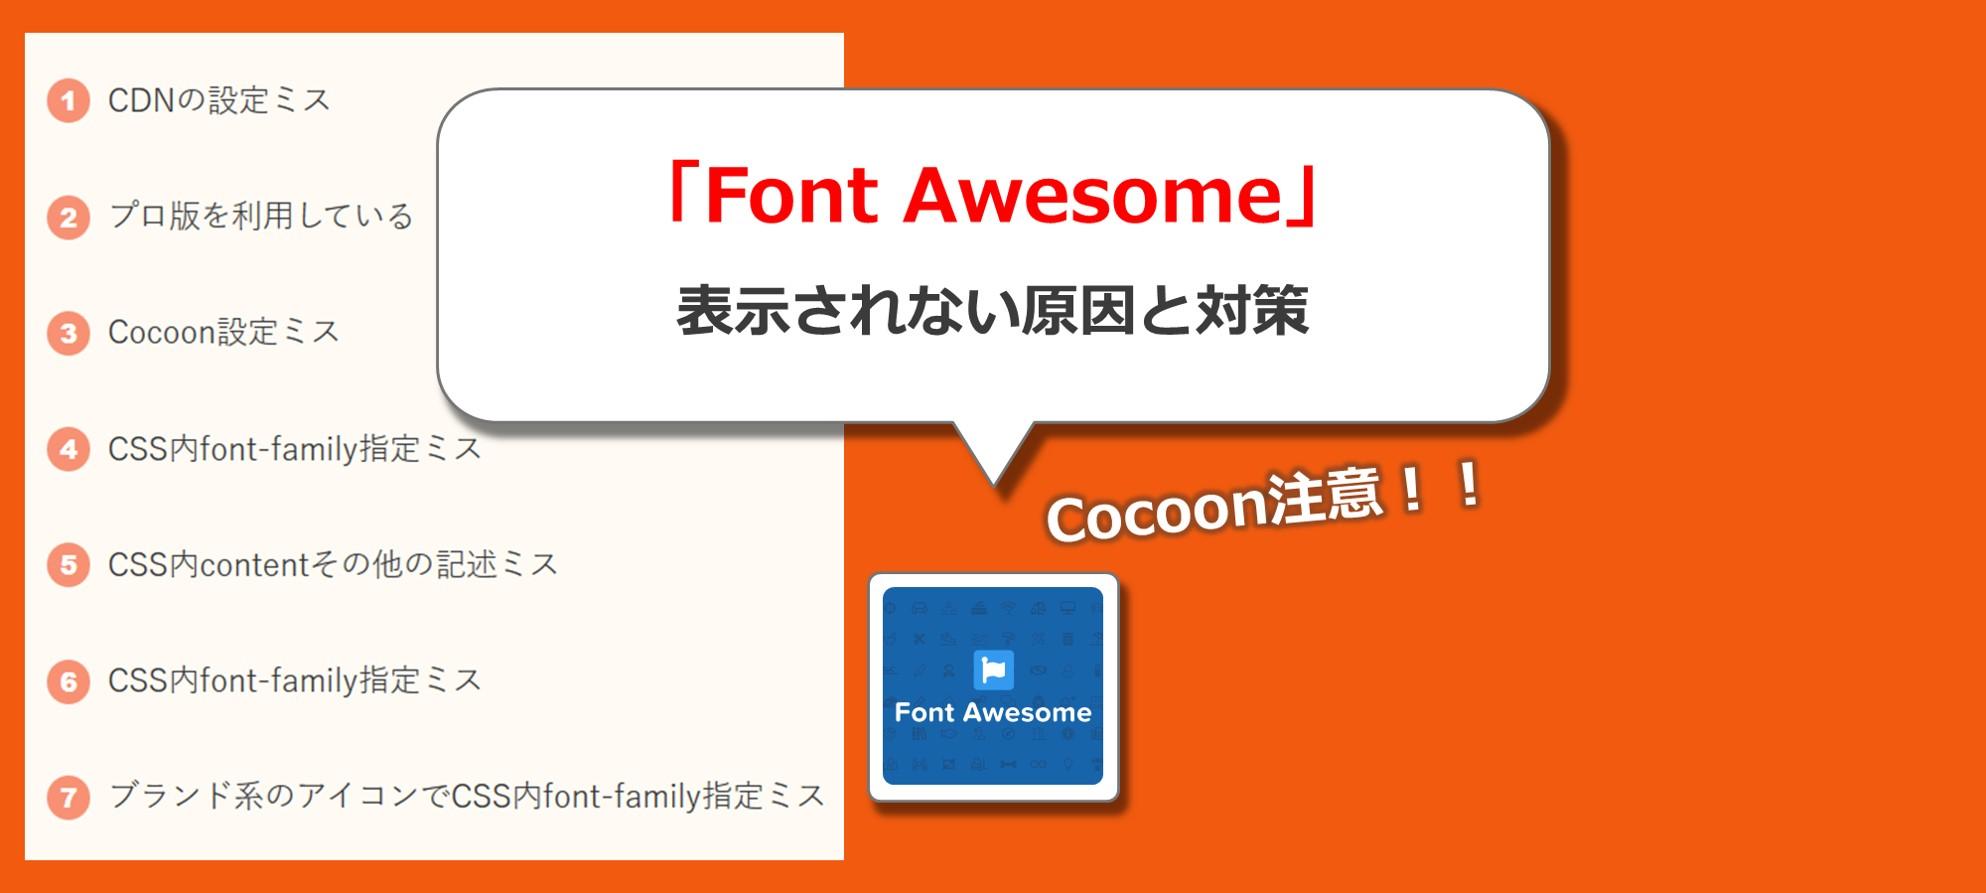 【最新】FontAwesomeのアイコンが表示されないときの対処法